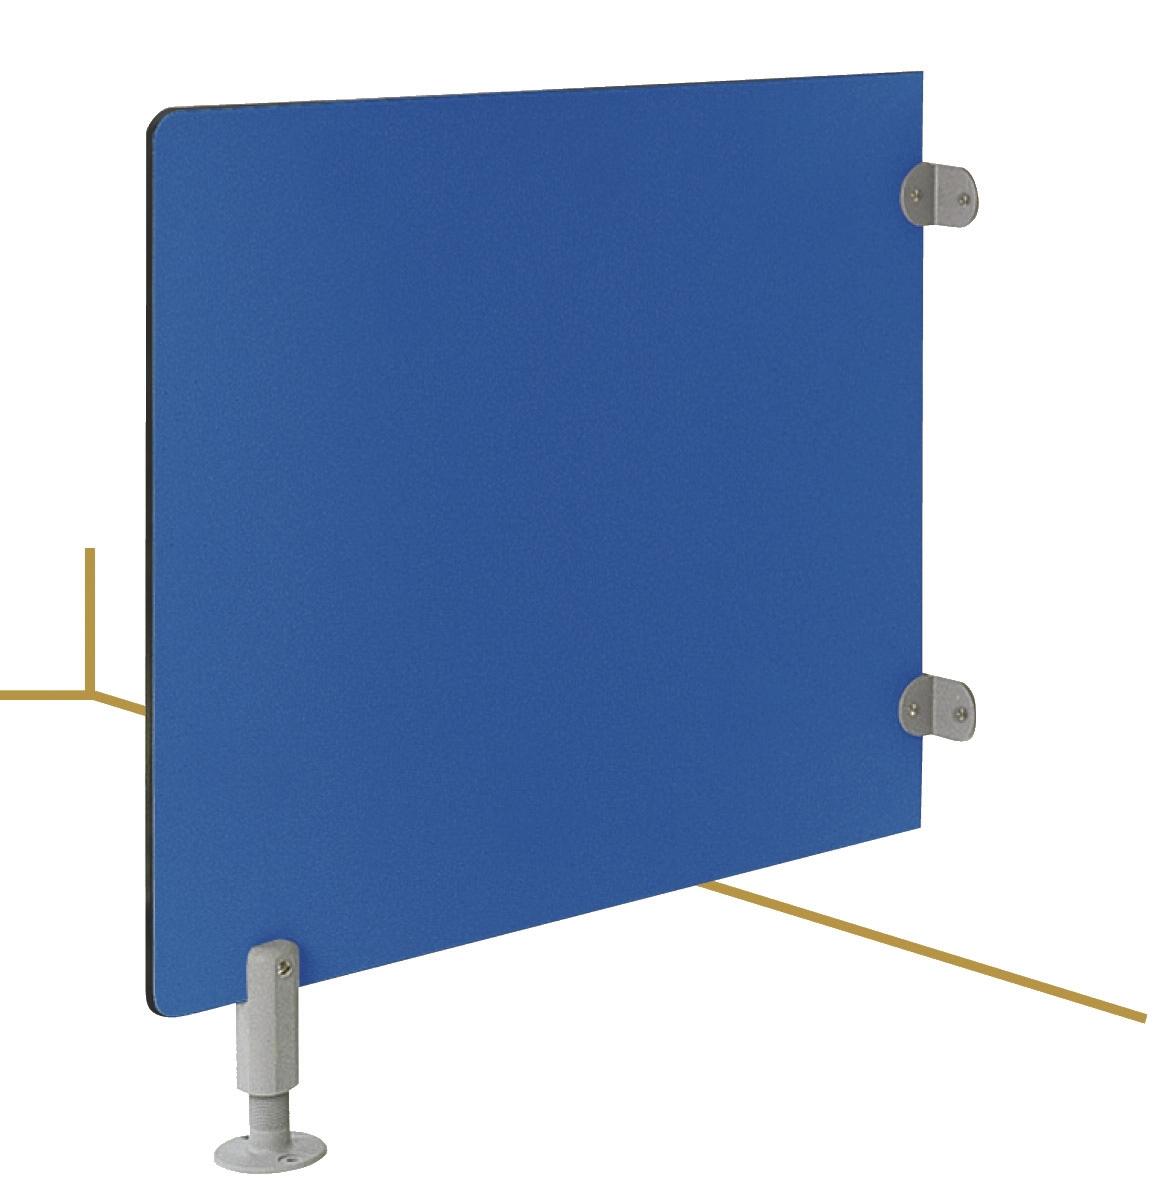 s paration d 39 urinoir maternelle en stratifi france equipement t r va direct vente en ligne. Black Bedroom Furniture Sets. Home Design Ideas